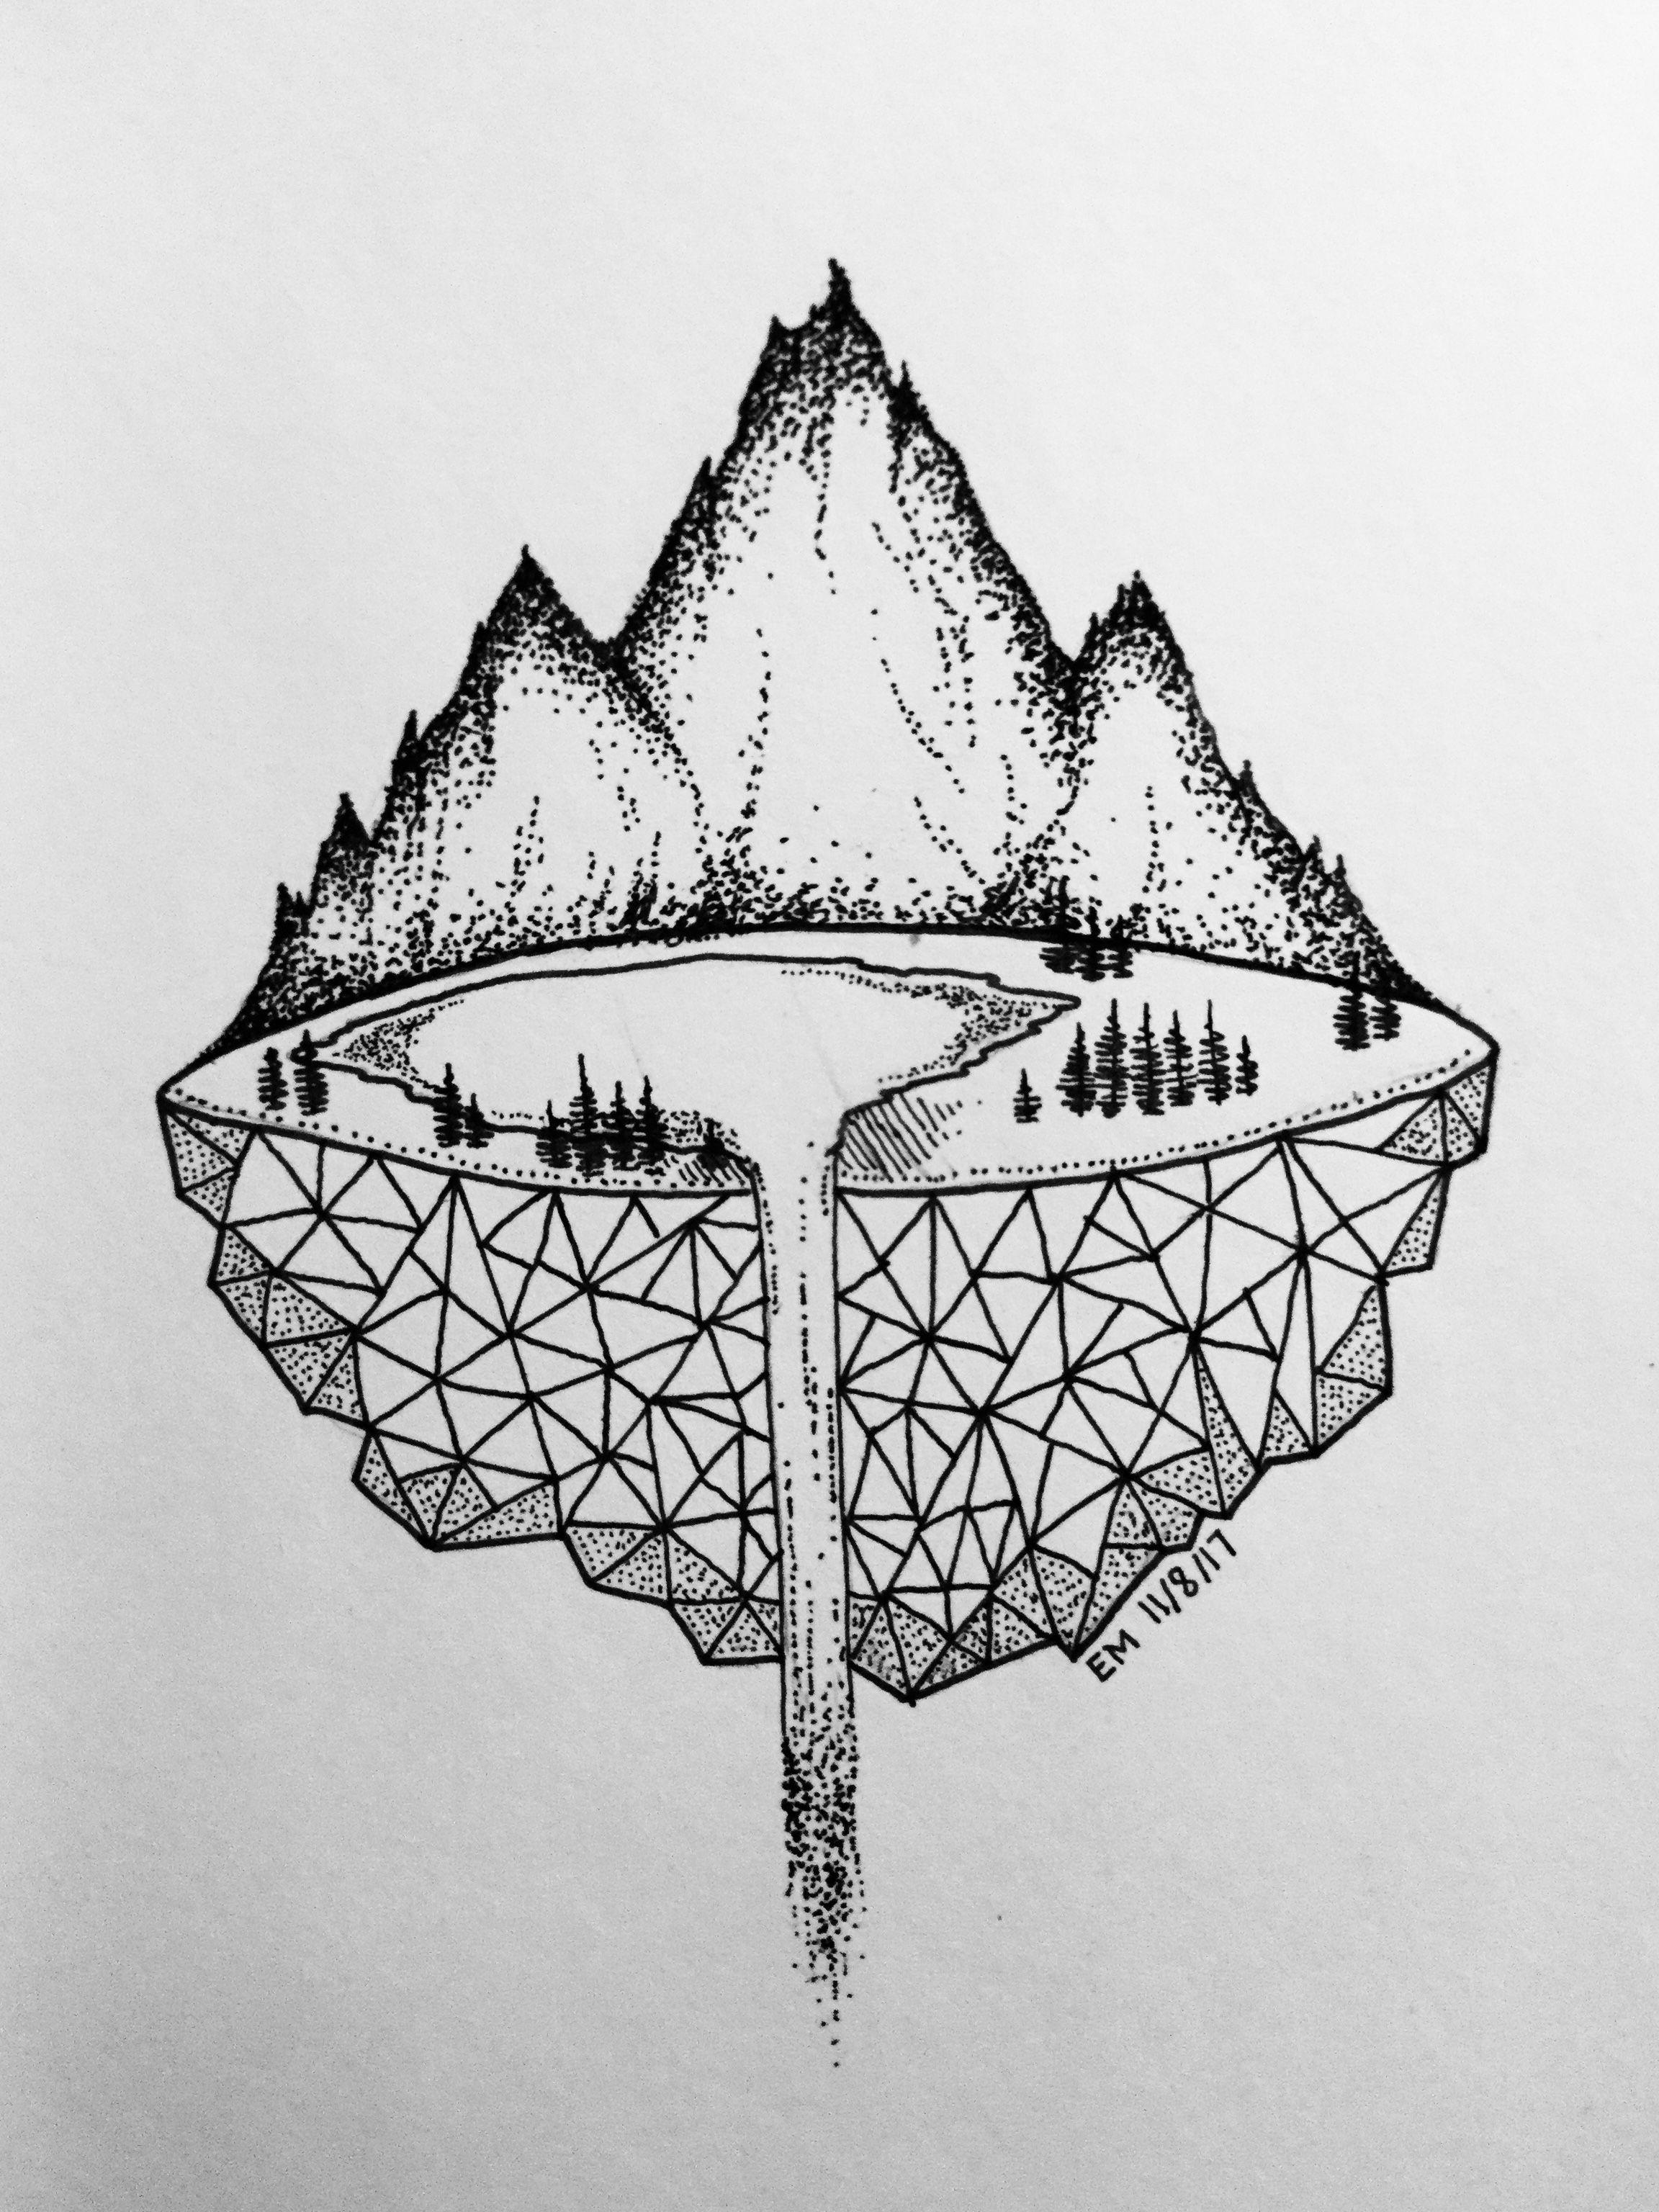 Easy Pen Drawings Doodle Art